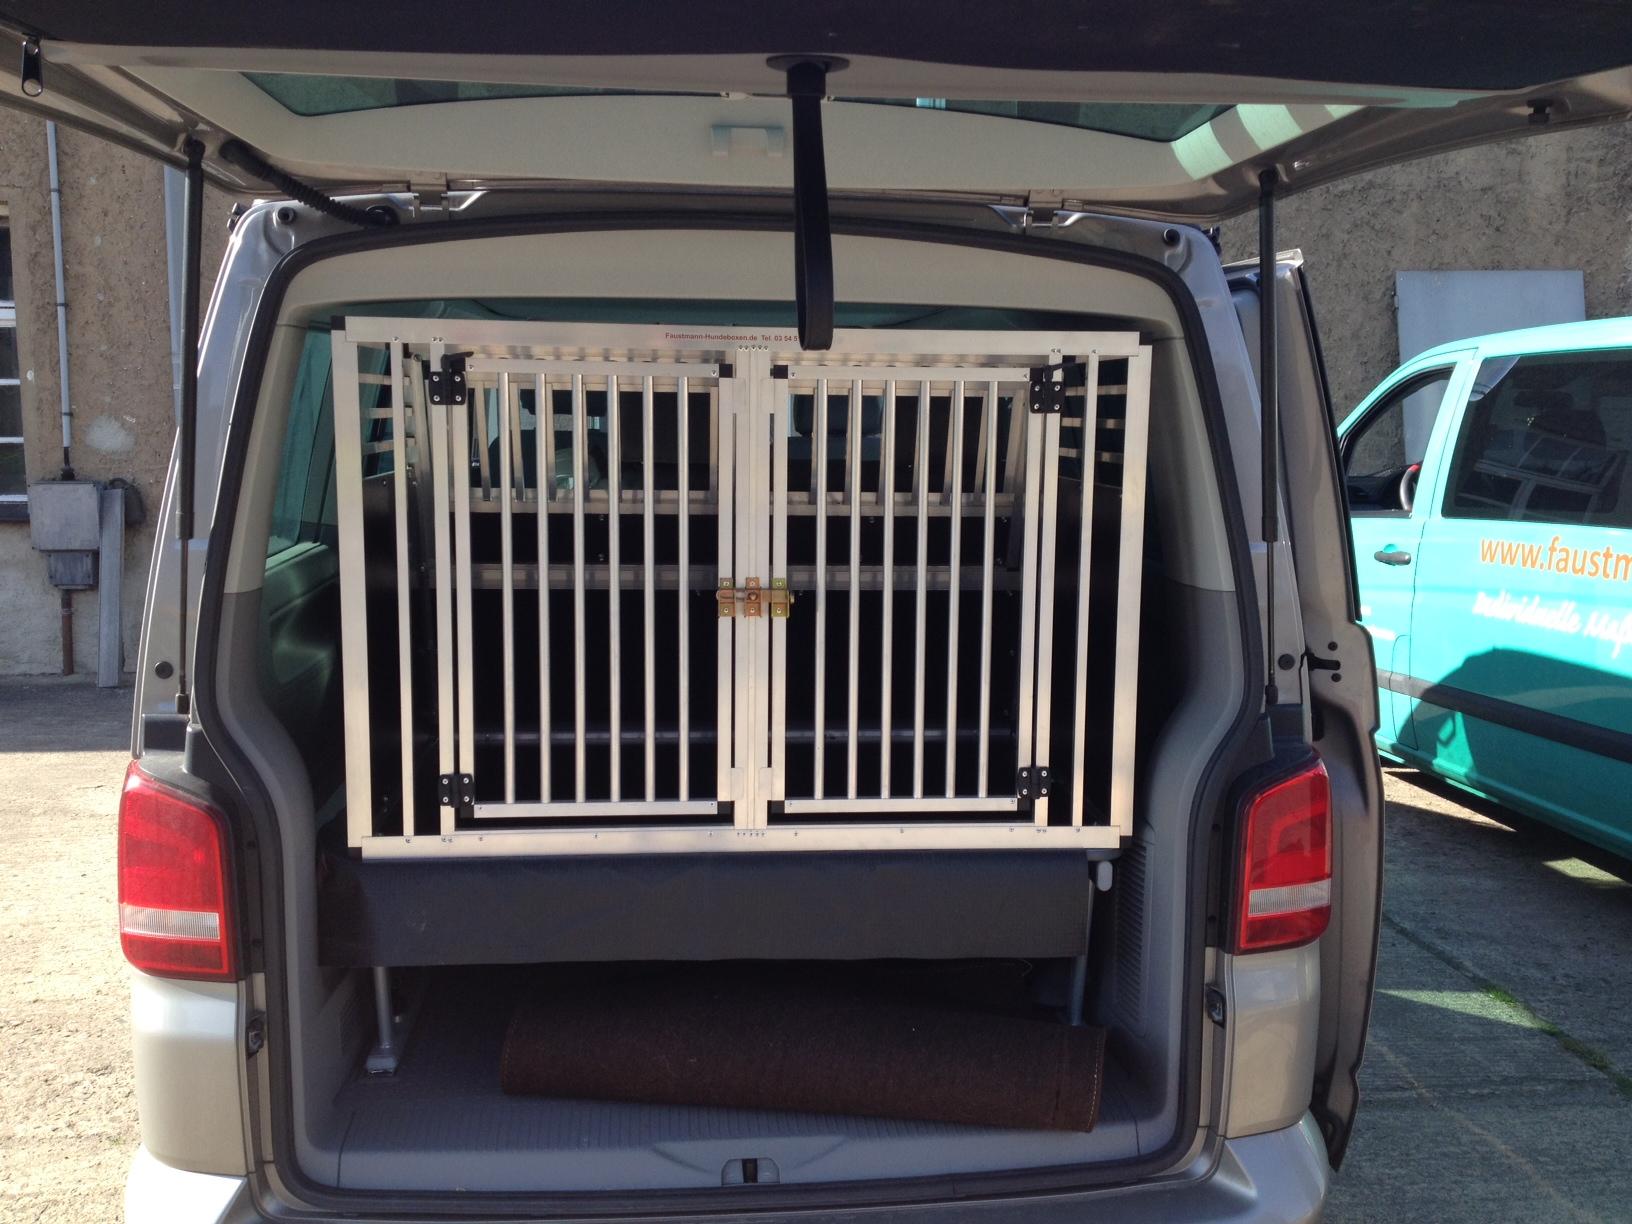 hier volkswagen t5 t5 transporter kasten transporter kombi. Black Bedroom Furniture Sets. Home Design Ideas